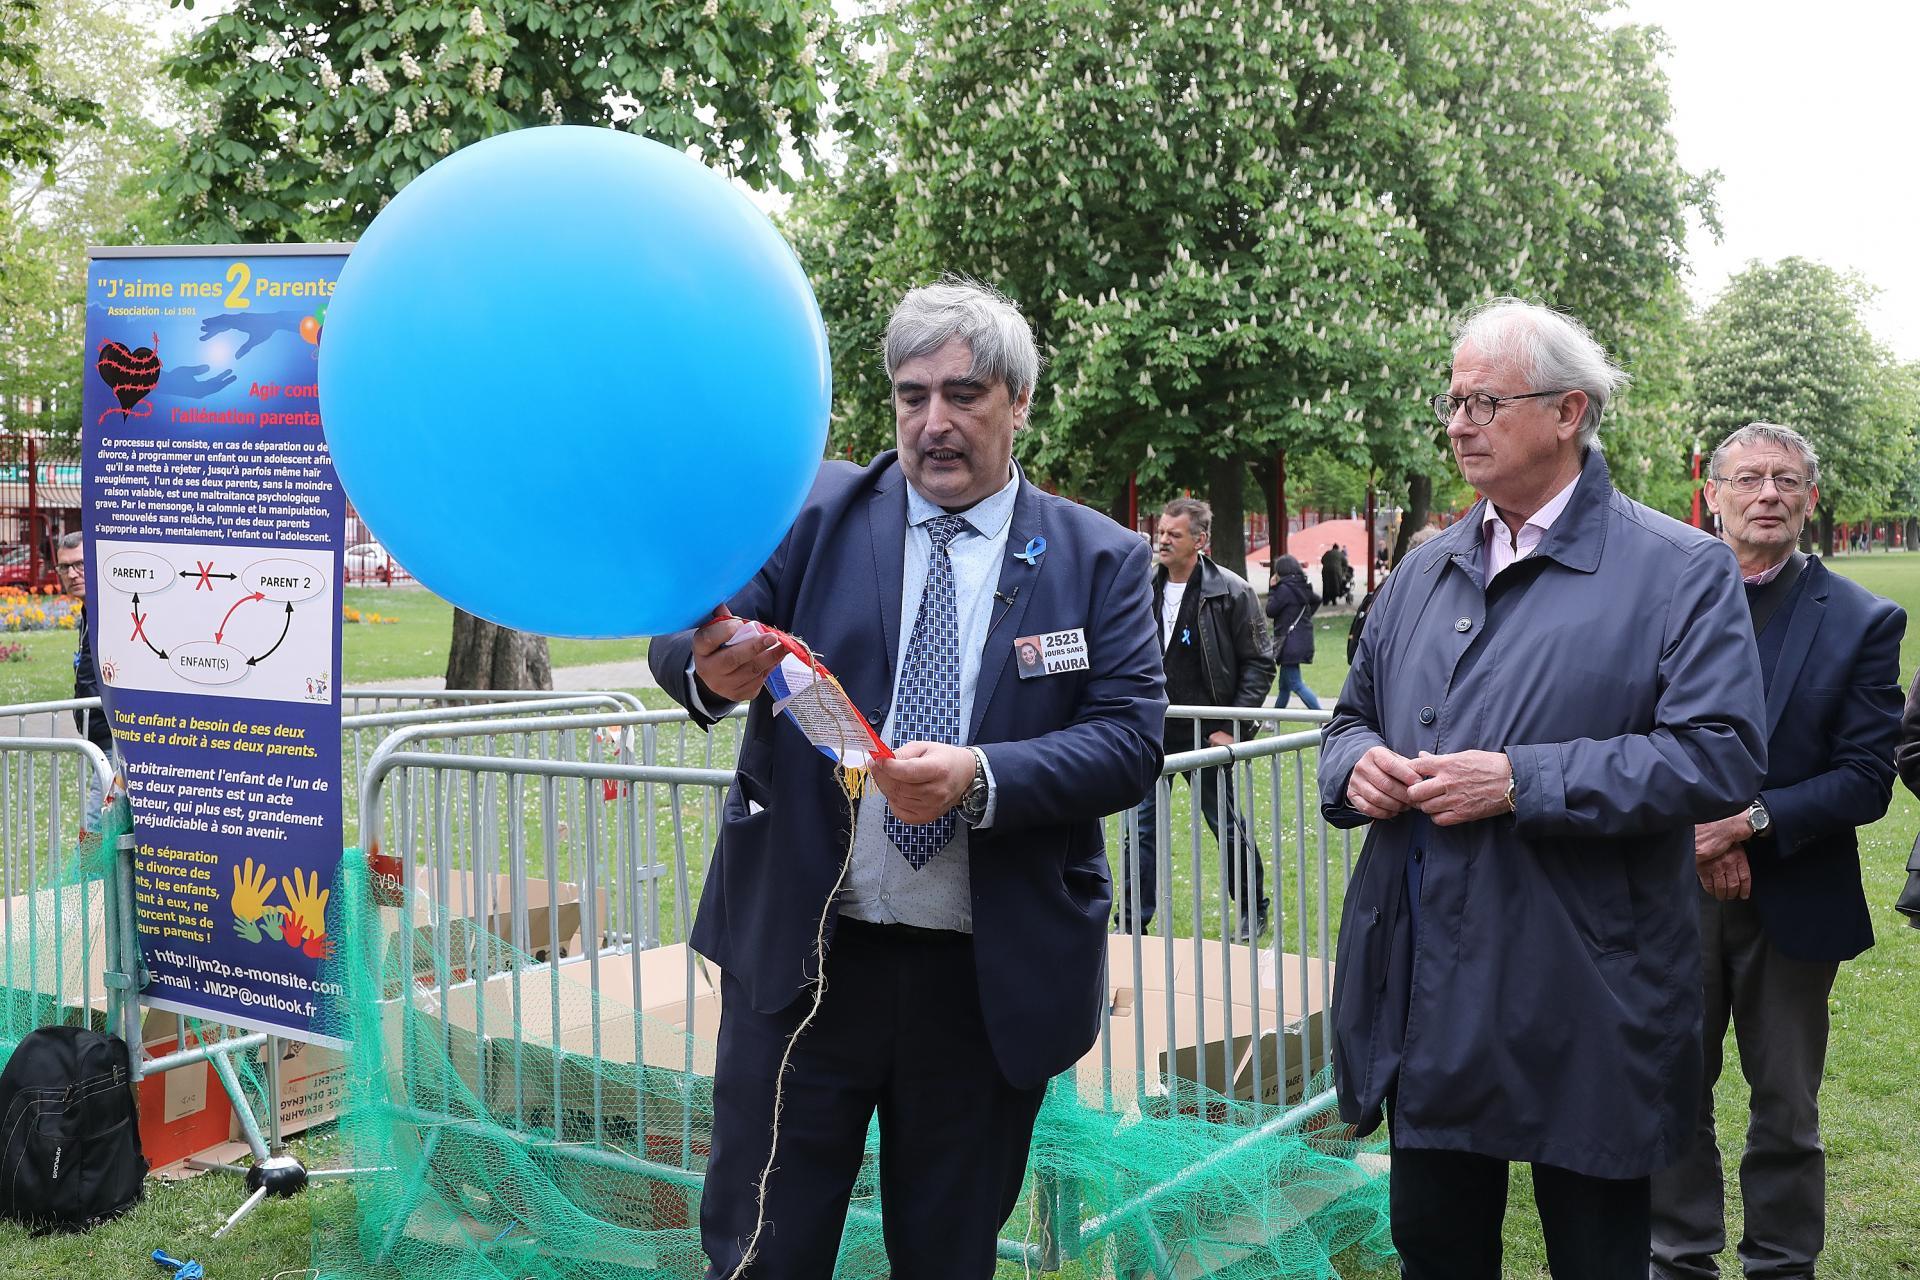 Le gros ballon 2019 (restes 1= message) a été retrouvé en Norvège !